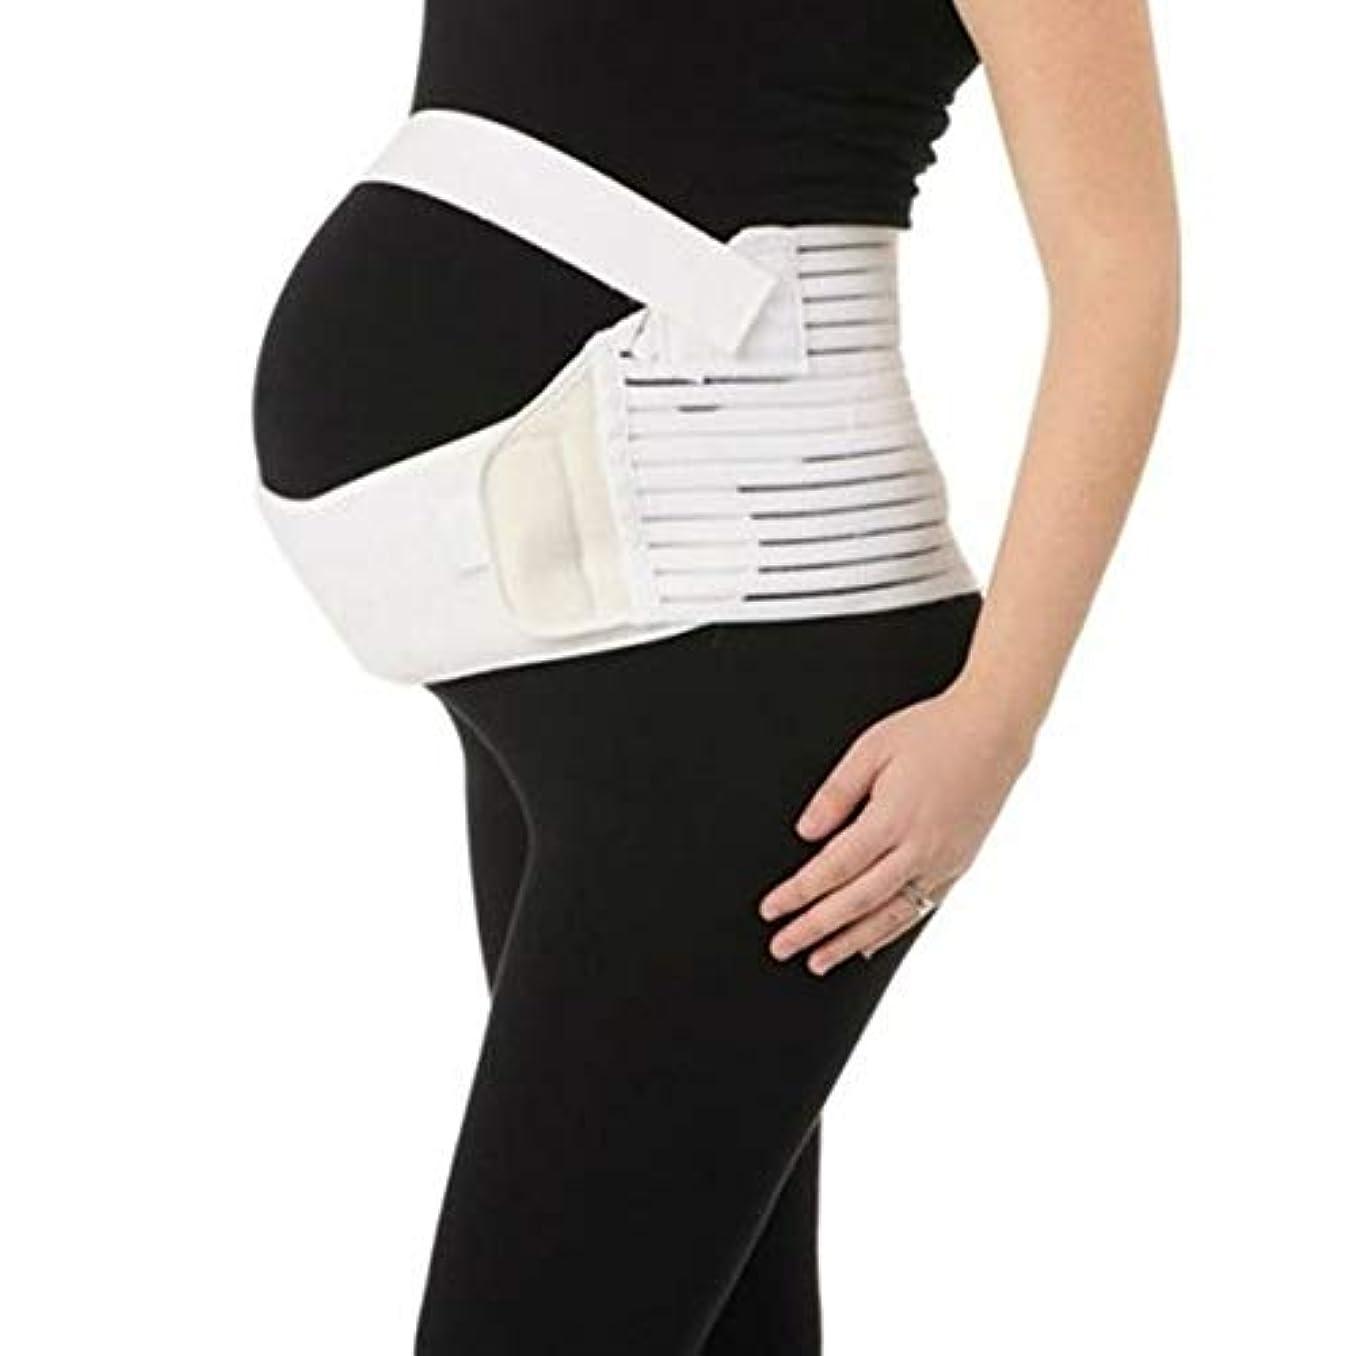 デマンド実行する幸運なことに通気性産科ベルト妊娠腹部サポート腹部バインダーガードル運動包帯産後の回復形状ウェア - ホワイトM